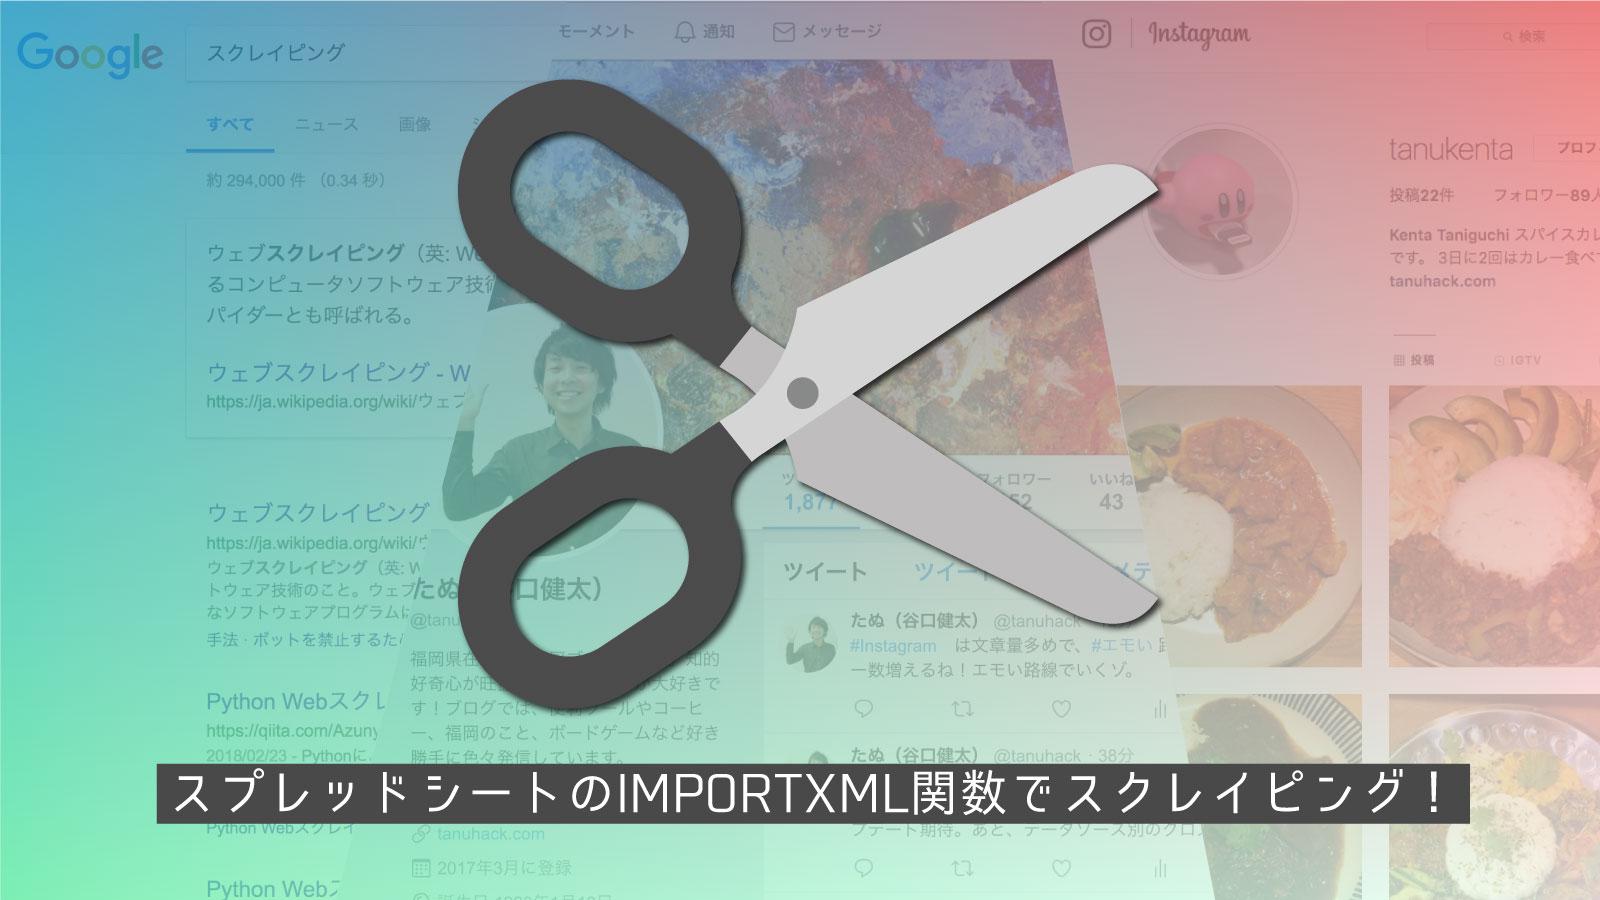 【簡単】スプレッドシートのIMPORTXML関数でスクレイピング!実例7個